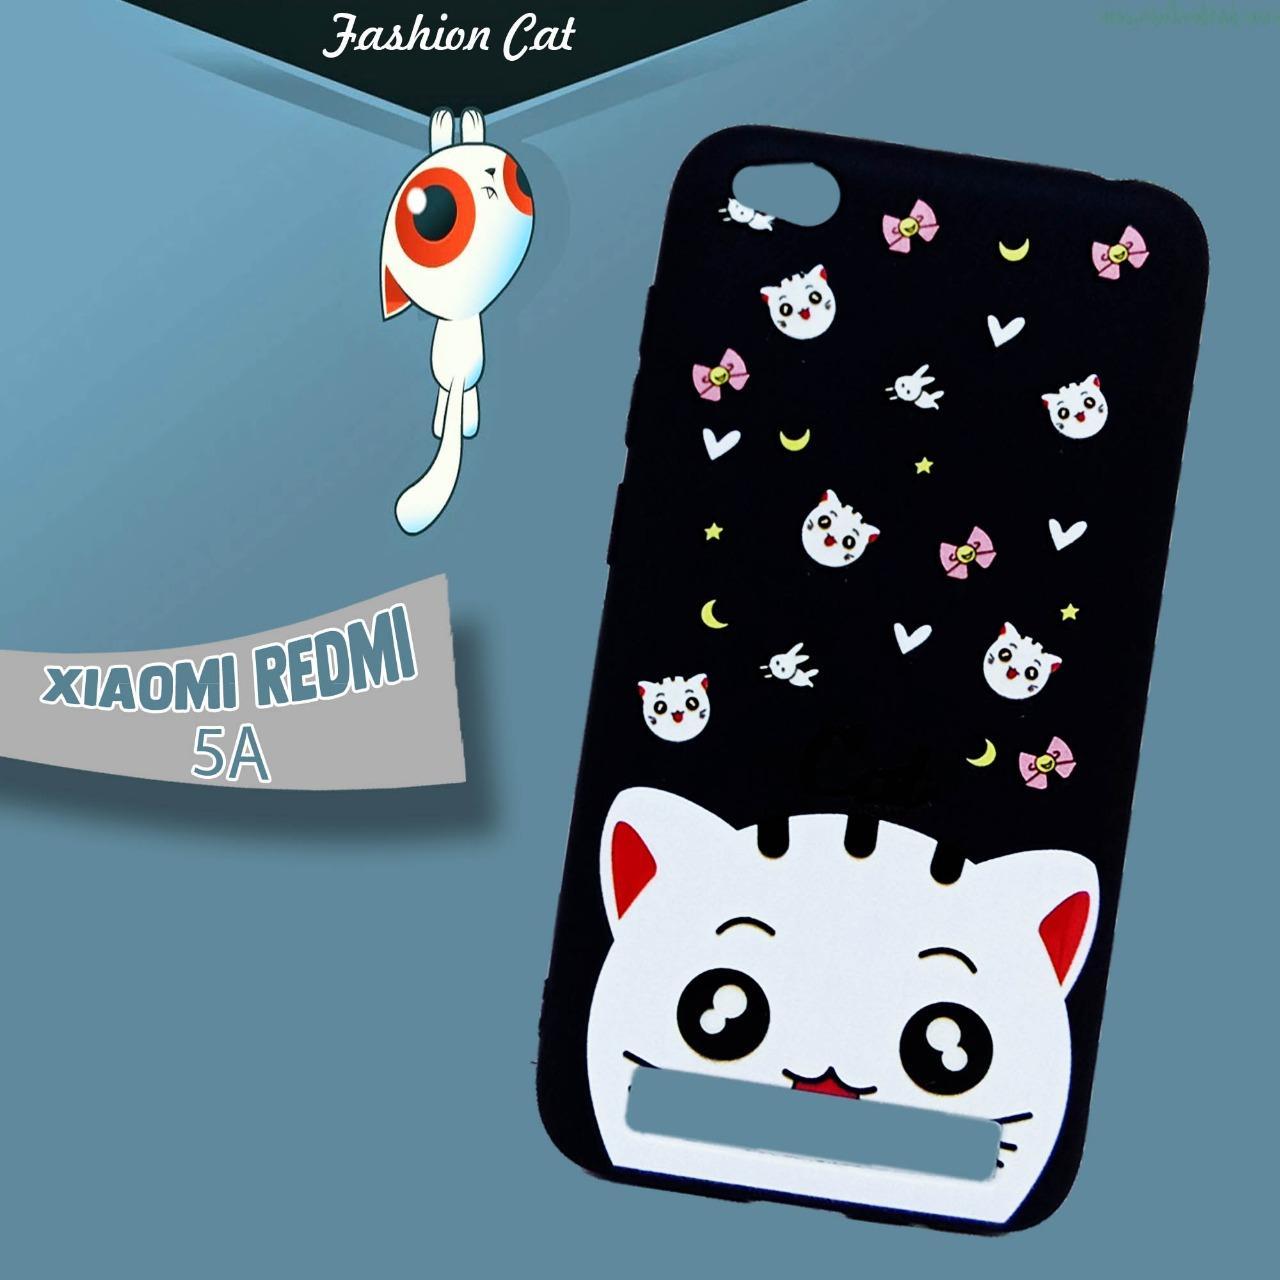 Marintri Case Xiaomi Redmi 5A - New Fashion Cat Cute Black